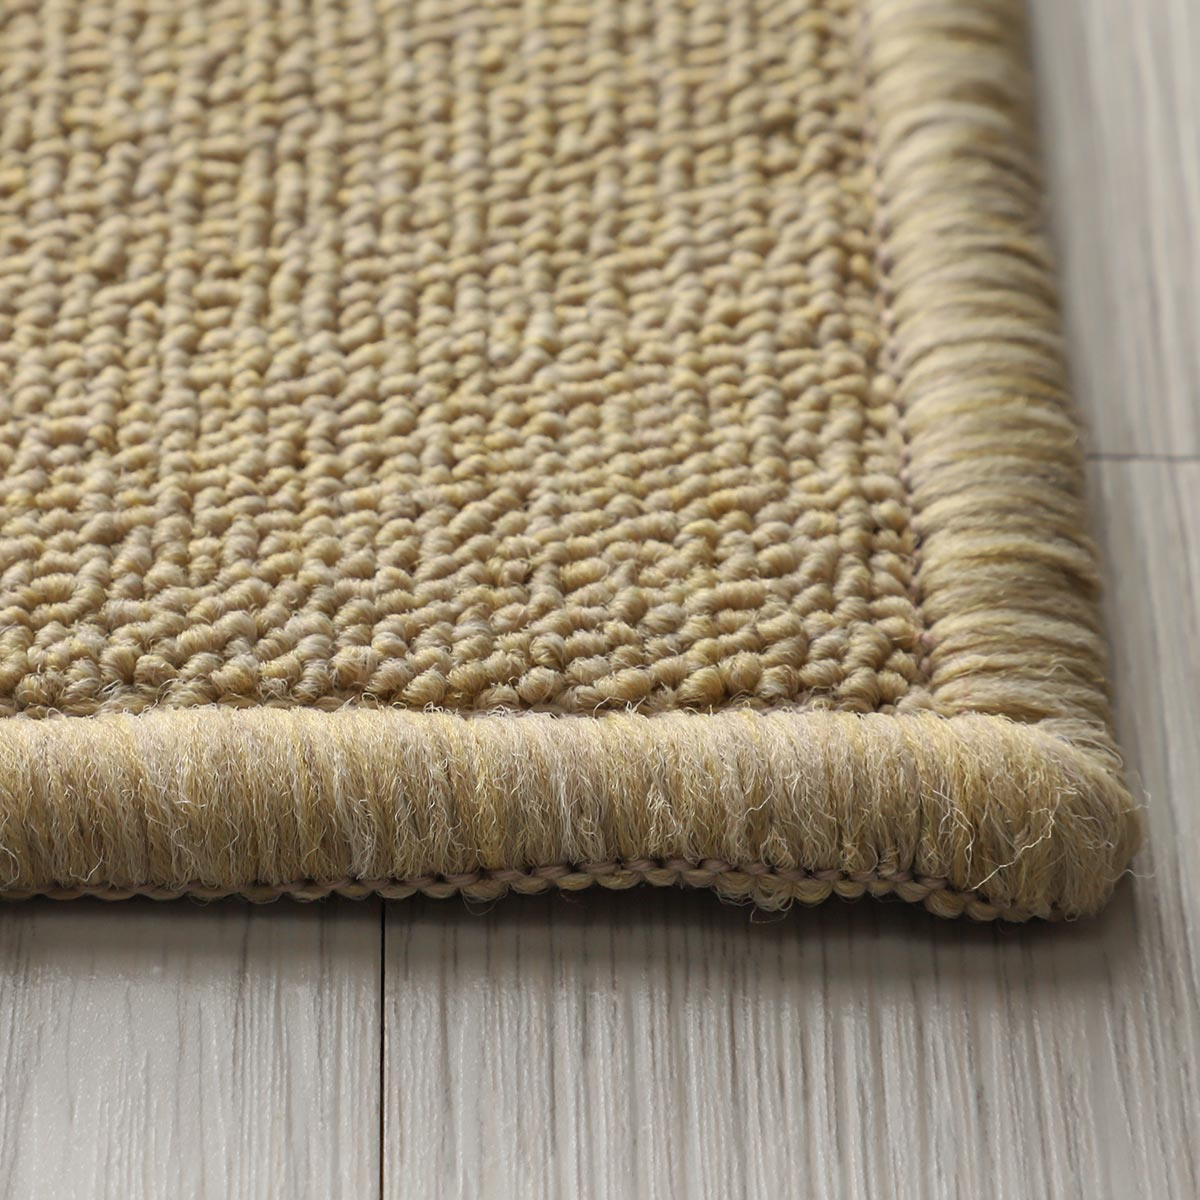 程よい薄さでドア下まで敷き込めます。床暖&ホットカーペット対応。